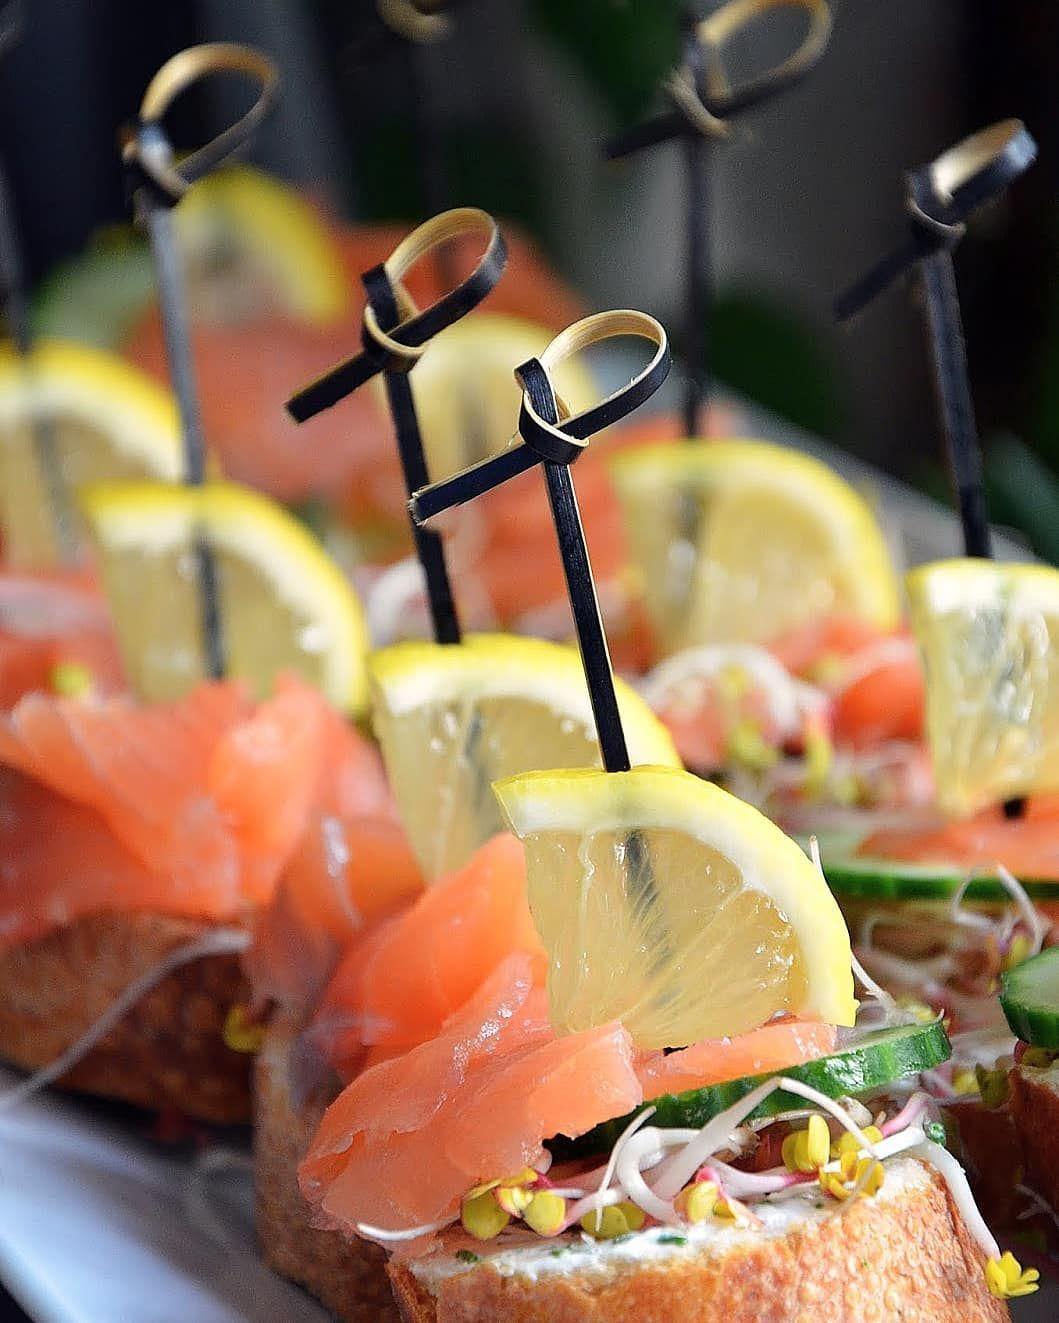 #minikanapeczki #cytrynka #łosoś #salmon #bagietka #fingerfood #najedenkęs #zapraszamydostolu #catering #milanowek #pornfood #foodporn #photooftheday #instafood #pyszne #pyszka #imprezarodzinna #party #birthdayparty #party #happy #happybirthday